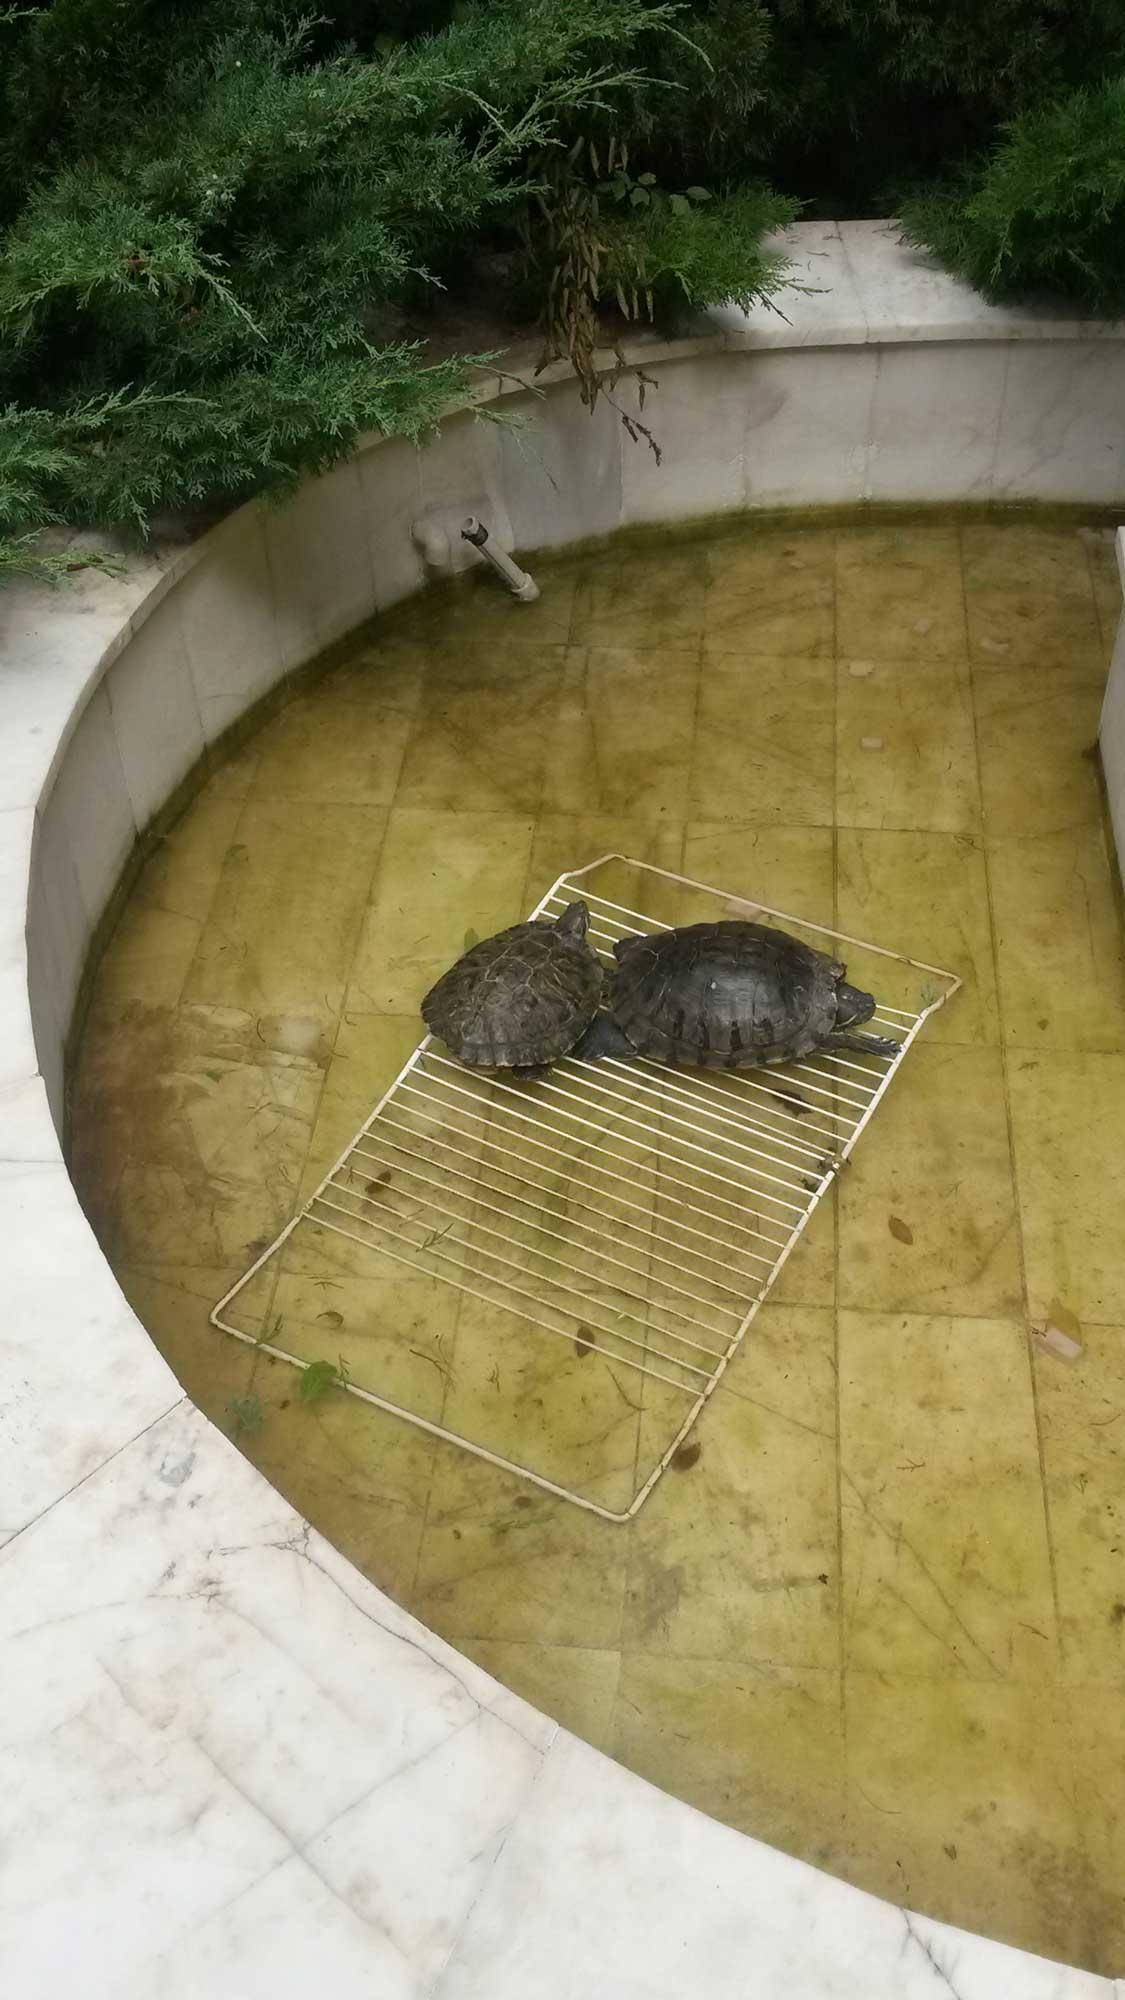 черепахи живут прямо в бассеине в отеле